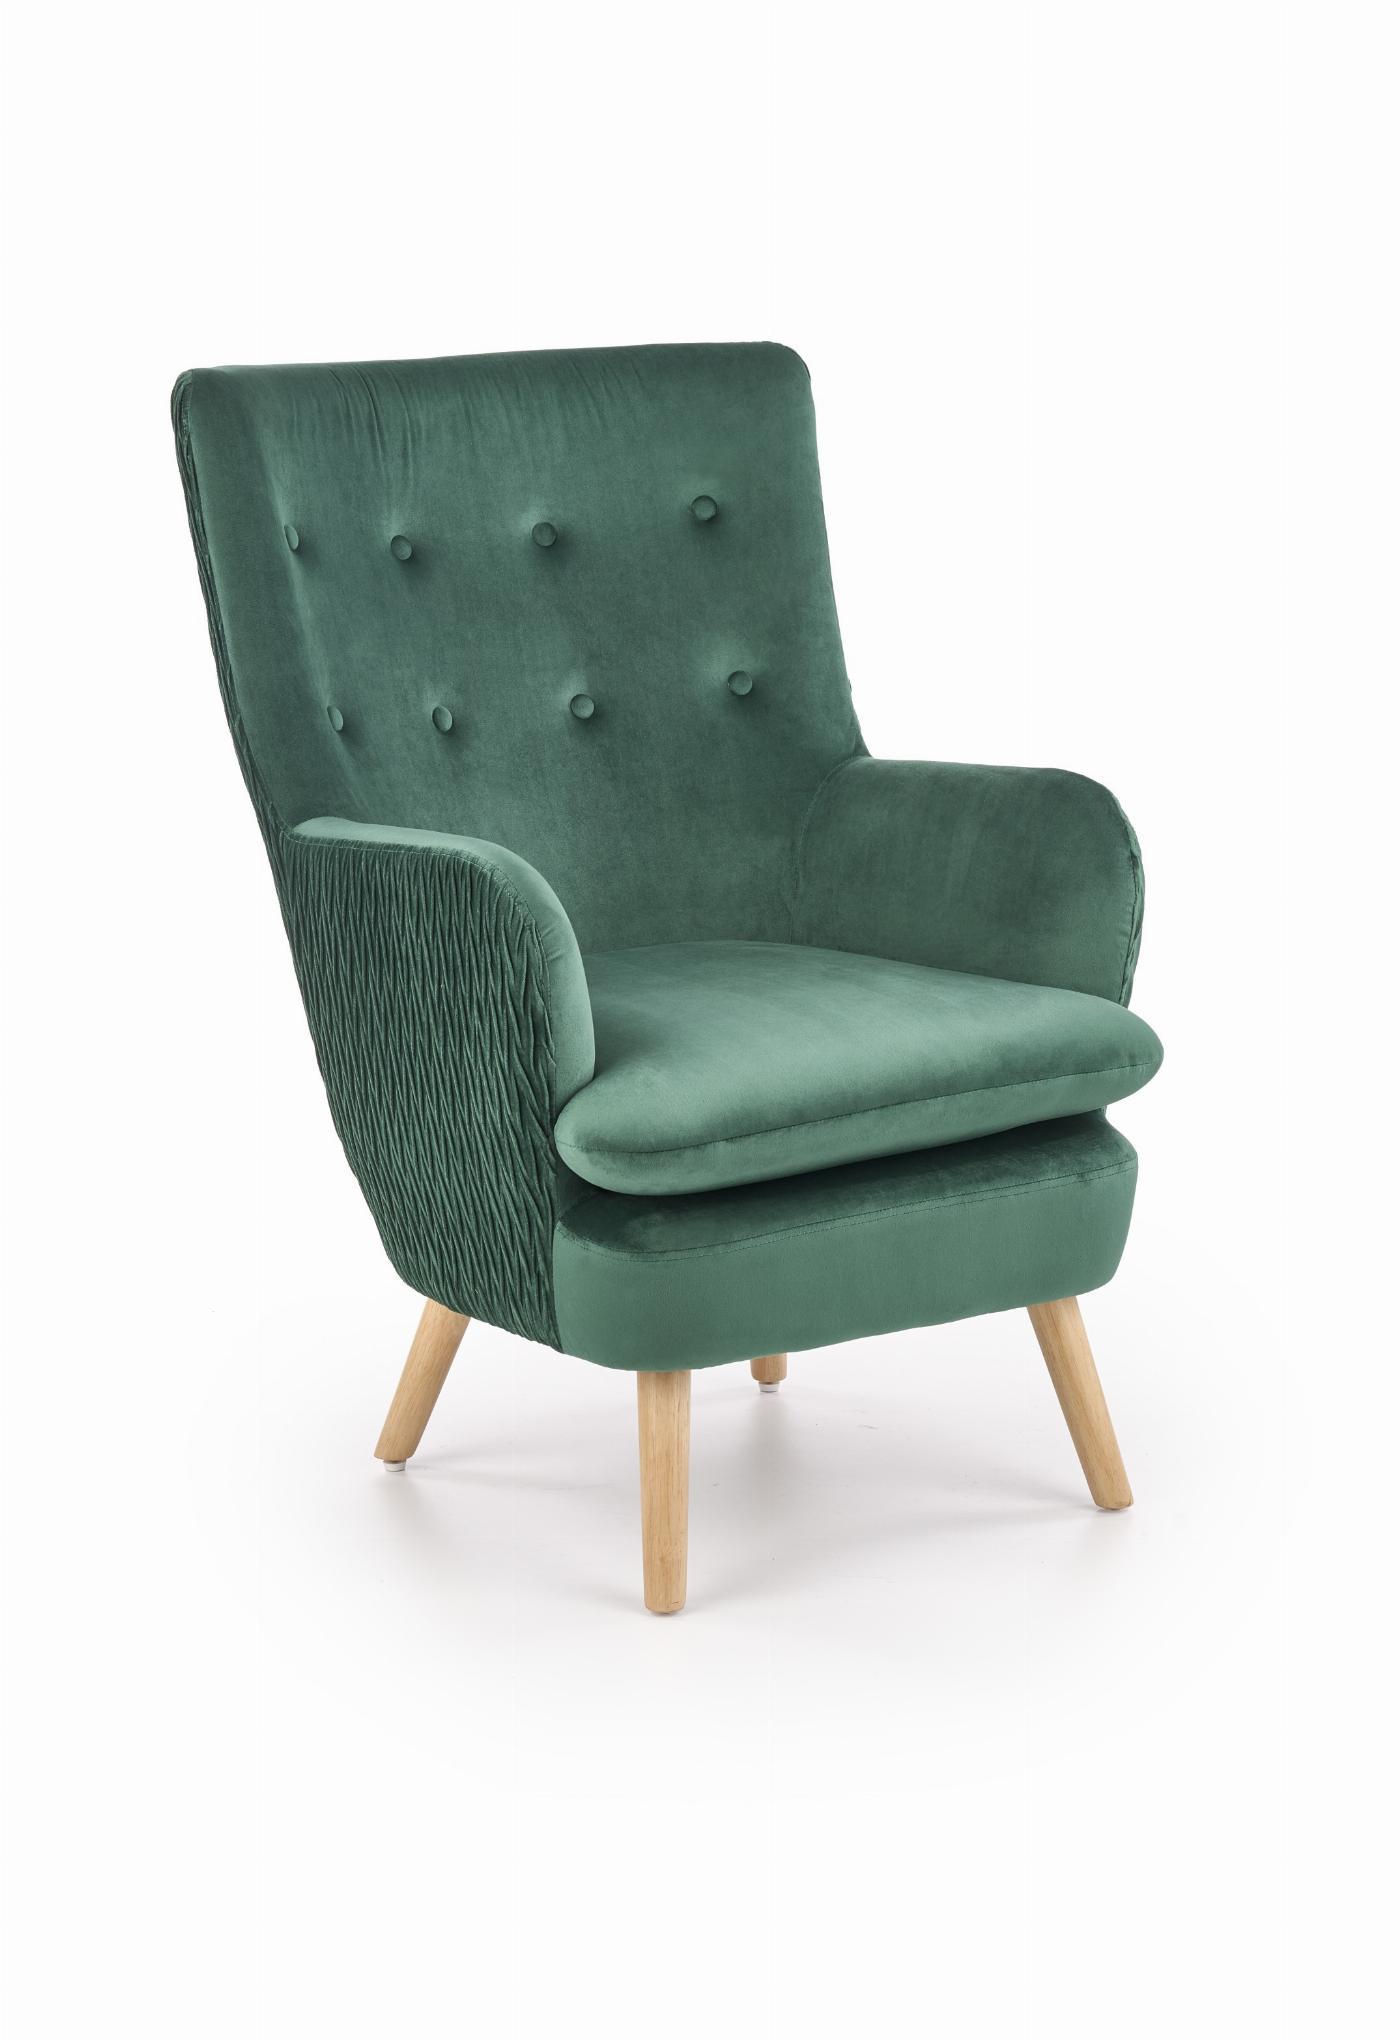 RAVEL fotel wypoczynkowy ciemny zielony / naturalny